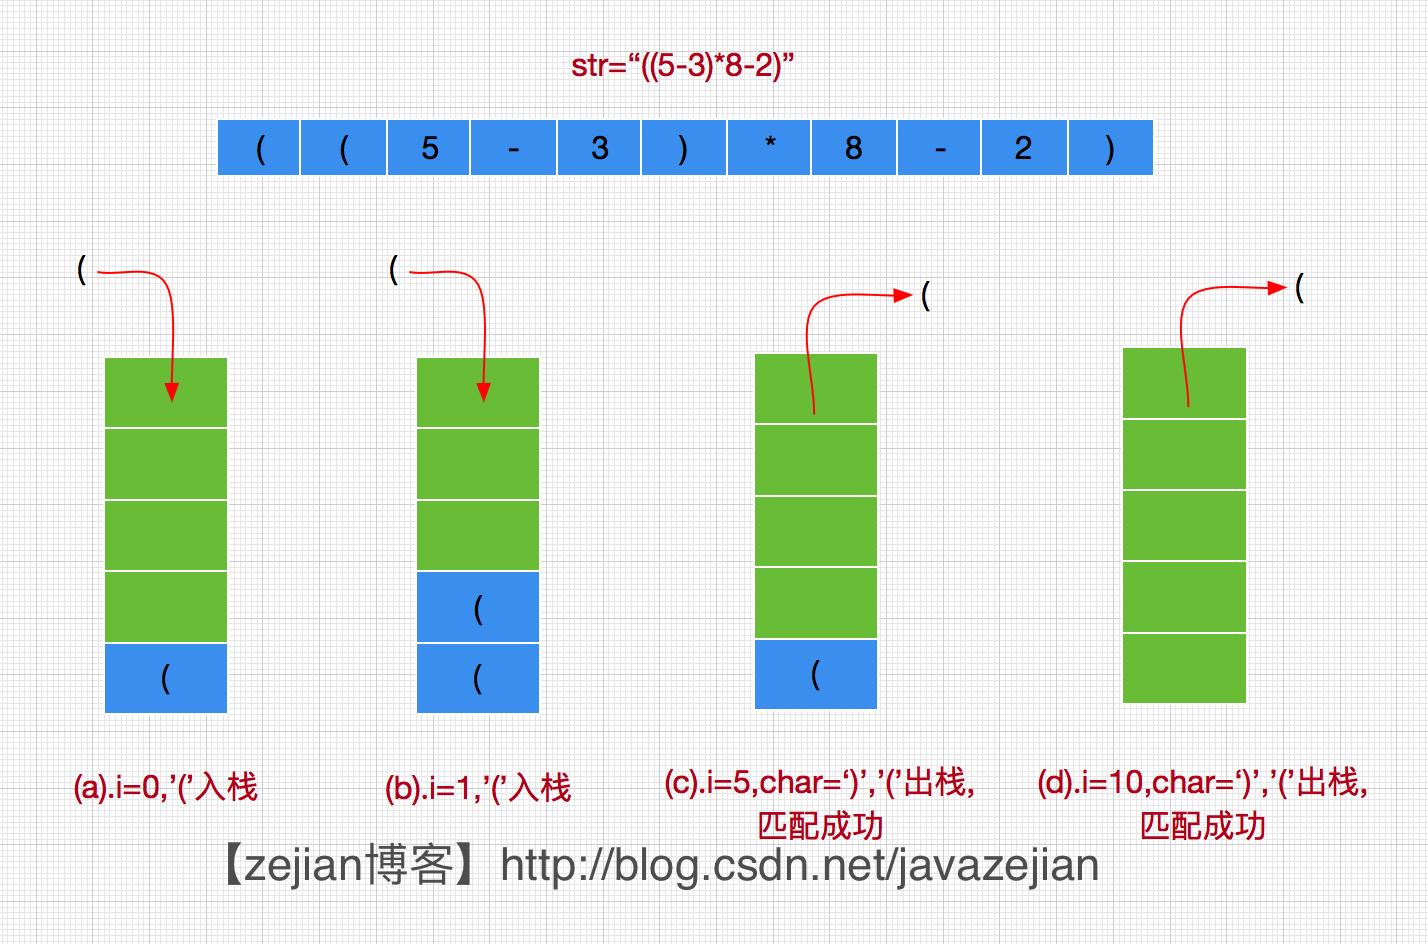 java设计与实现数据结构与算法中的栈(stack)